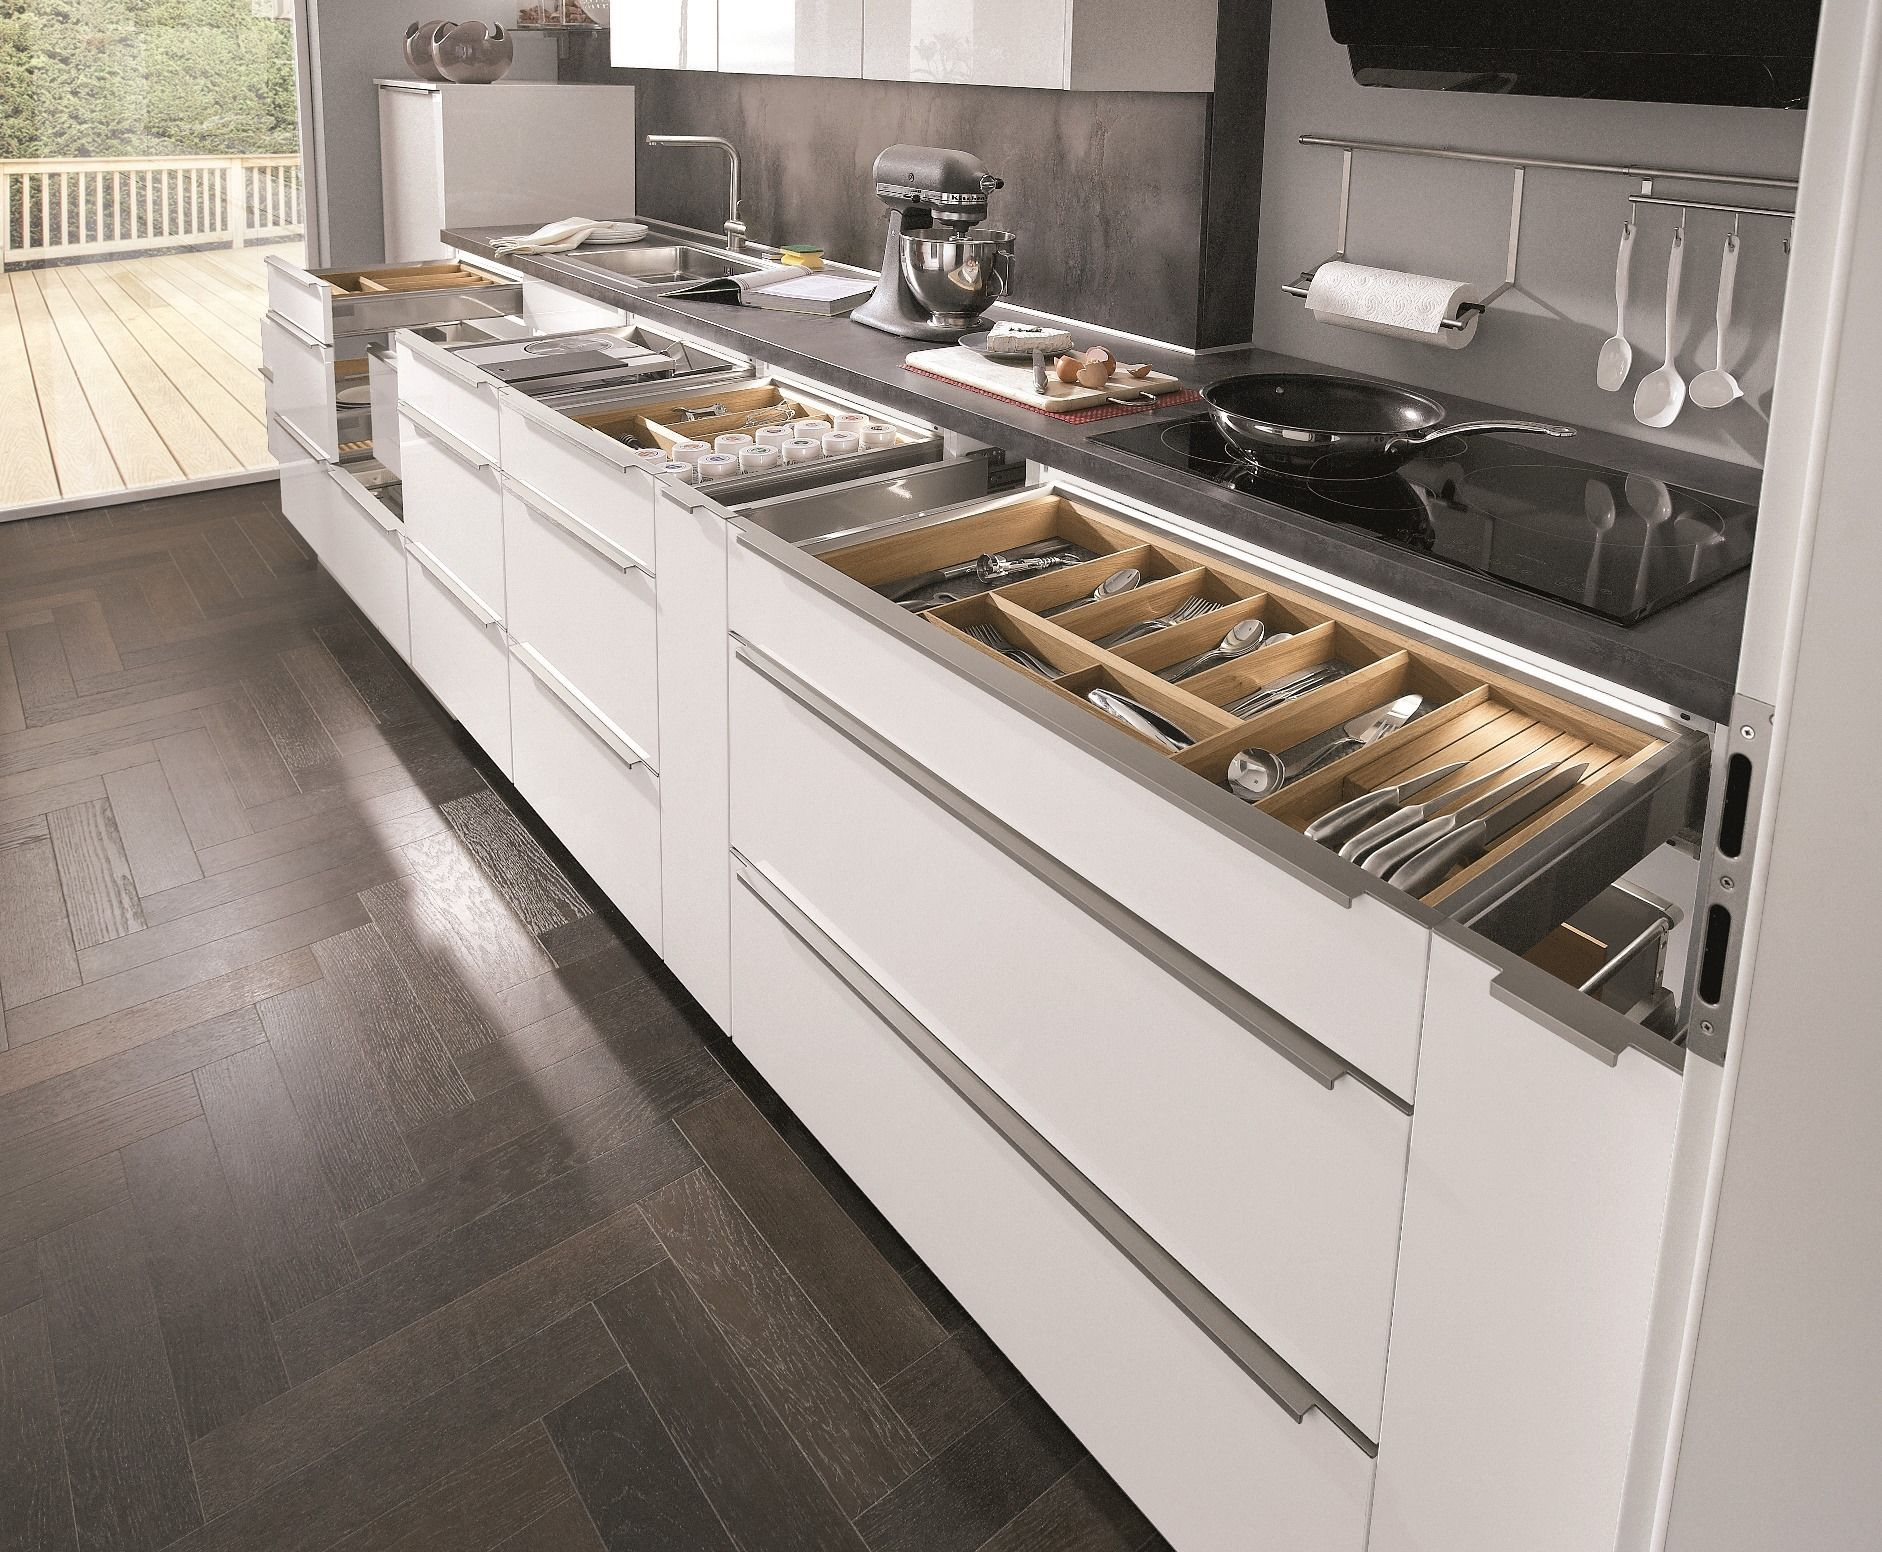 Schön Küchen Dublin Fotos - Ideen Für Die Küche Dekoration - lazonga ...